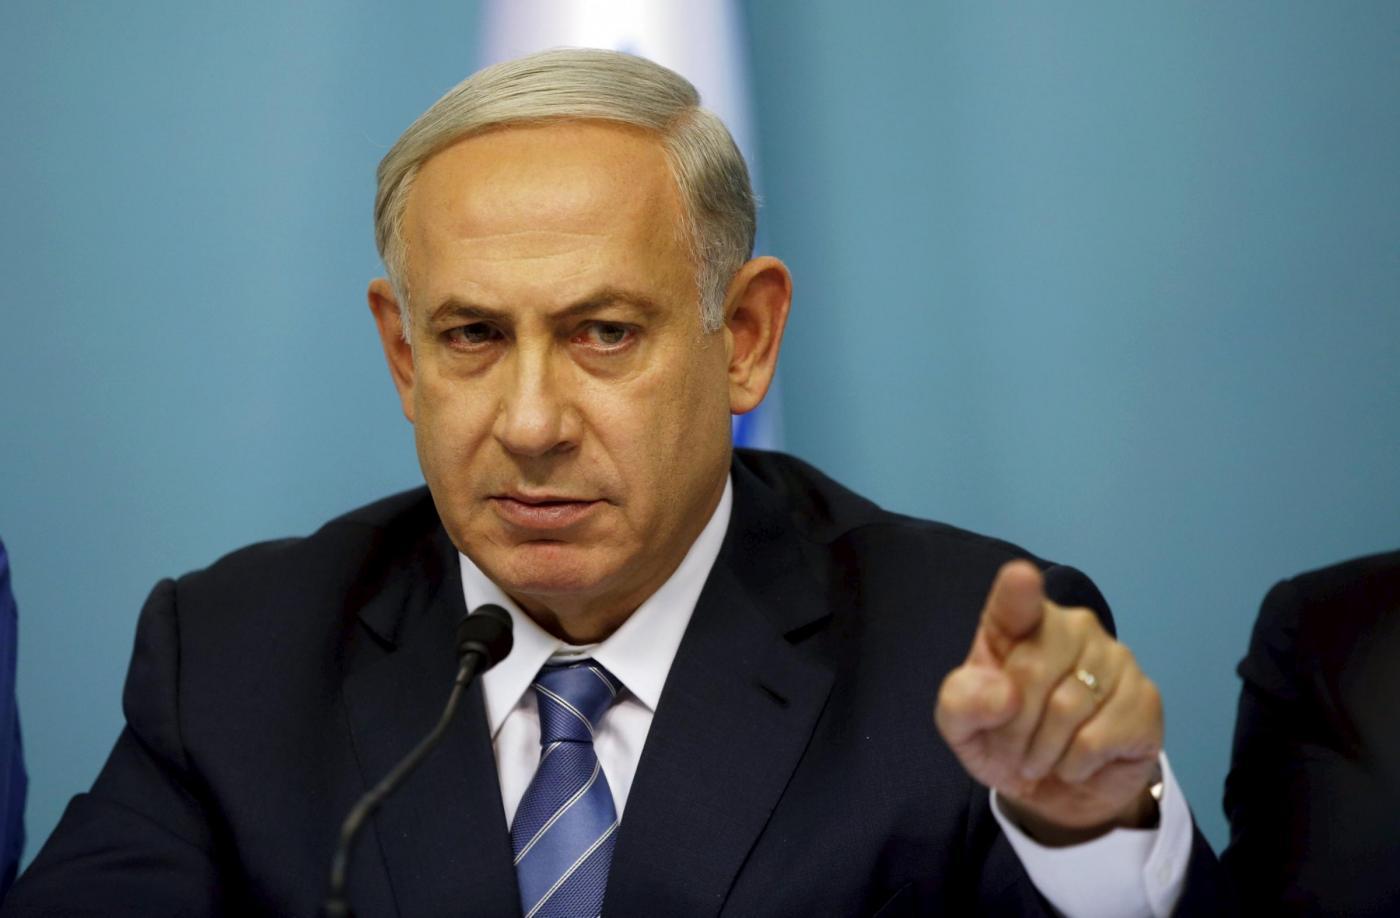 Hitler non voleva lo sterminio, la frase shock di Benjamin Netanyahu